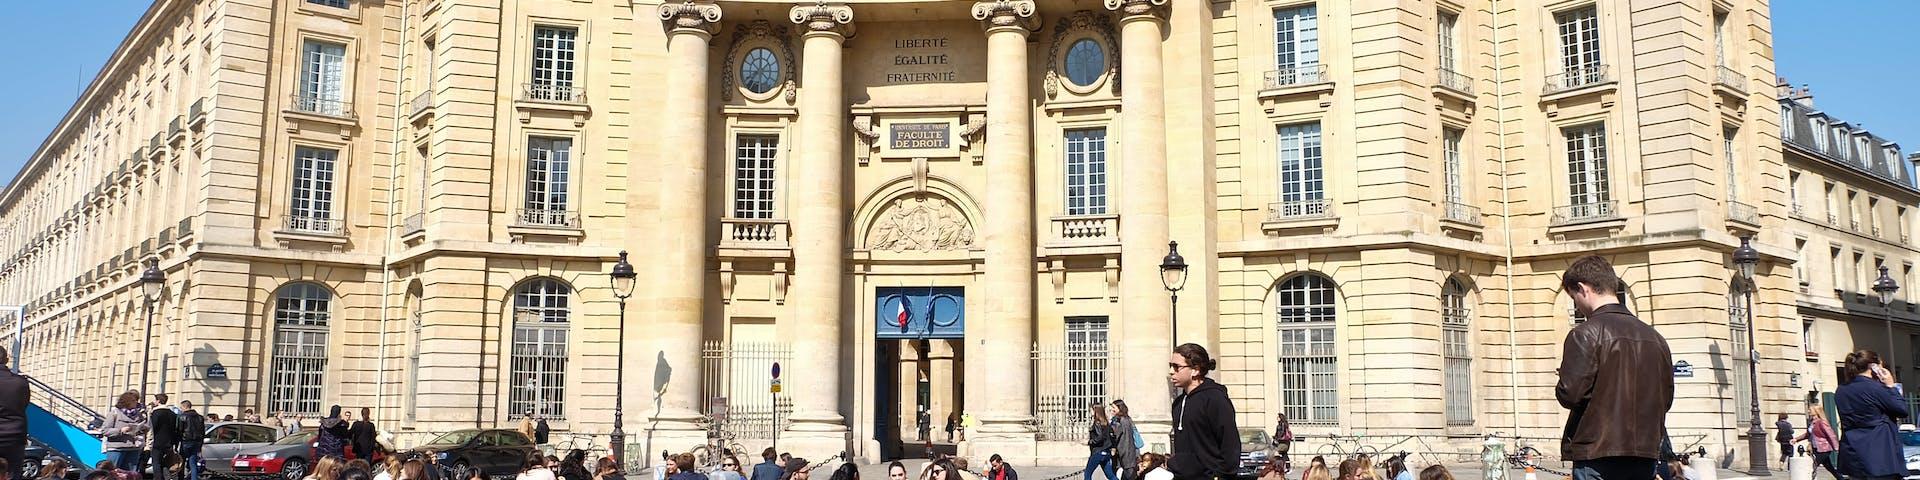 European Law School